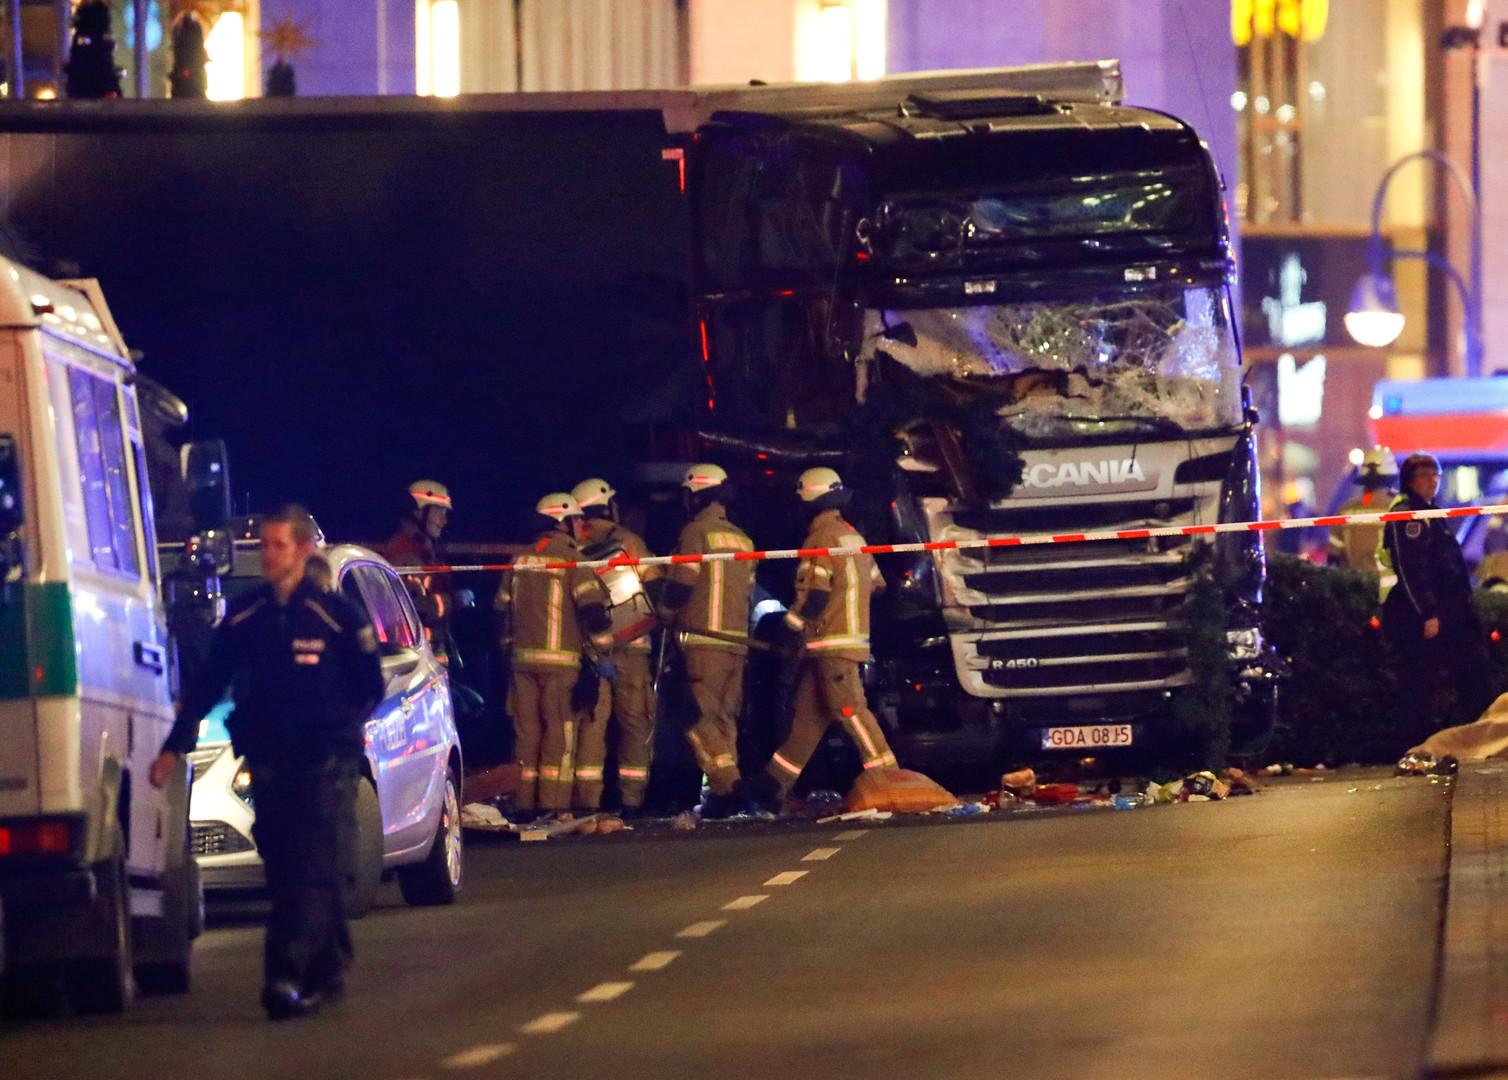 Теракт в центре города: грузовик протаранил рождественскую ярмарку в Берлине